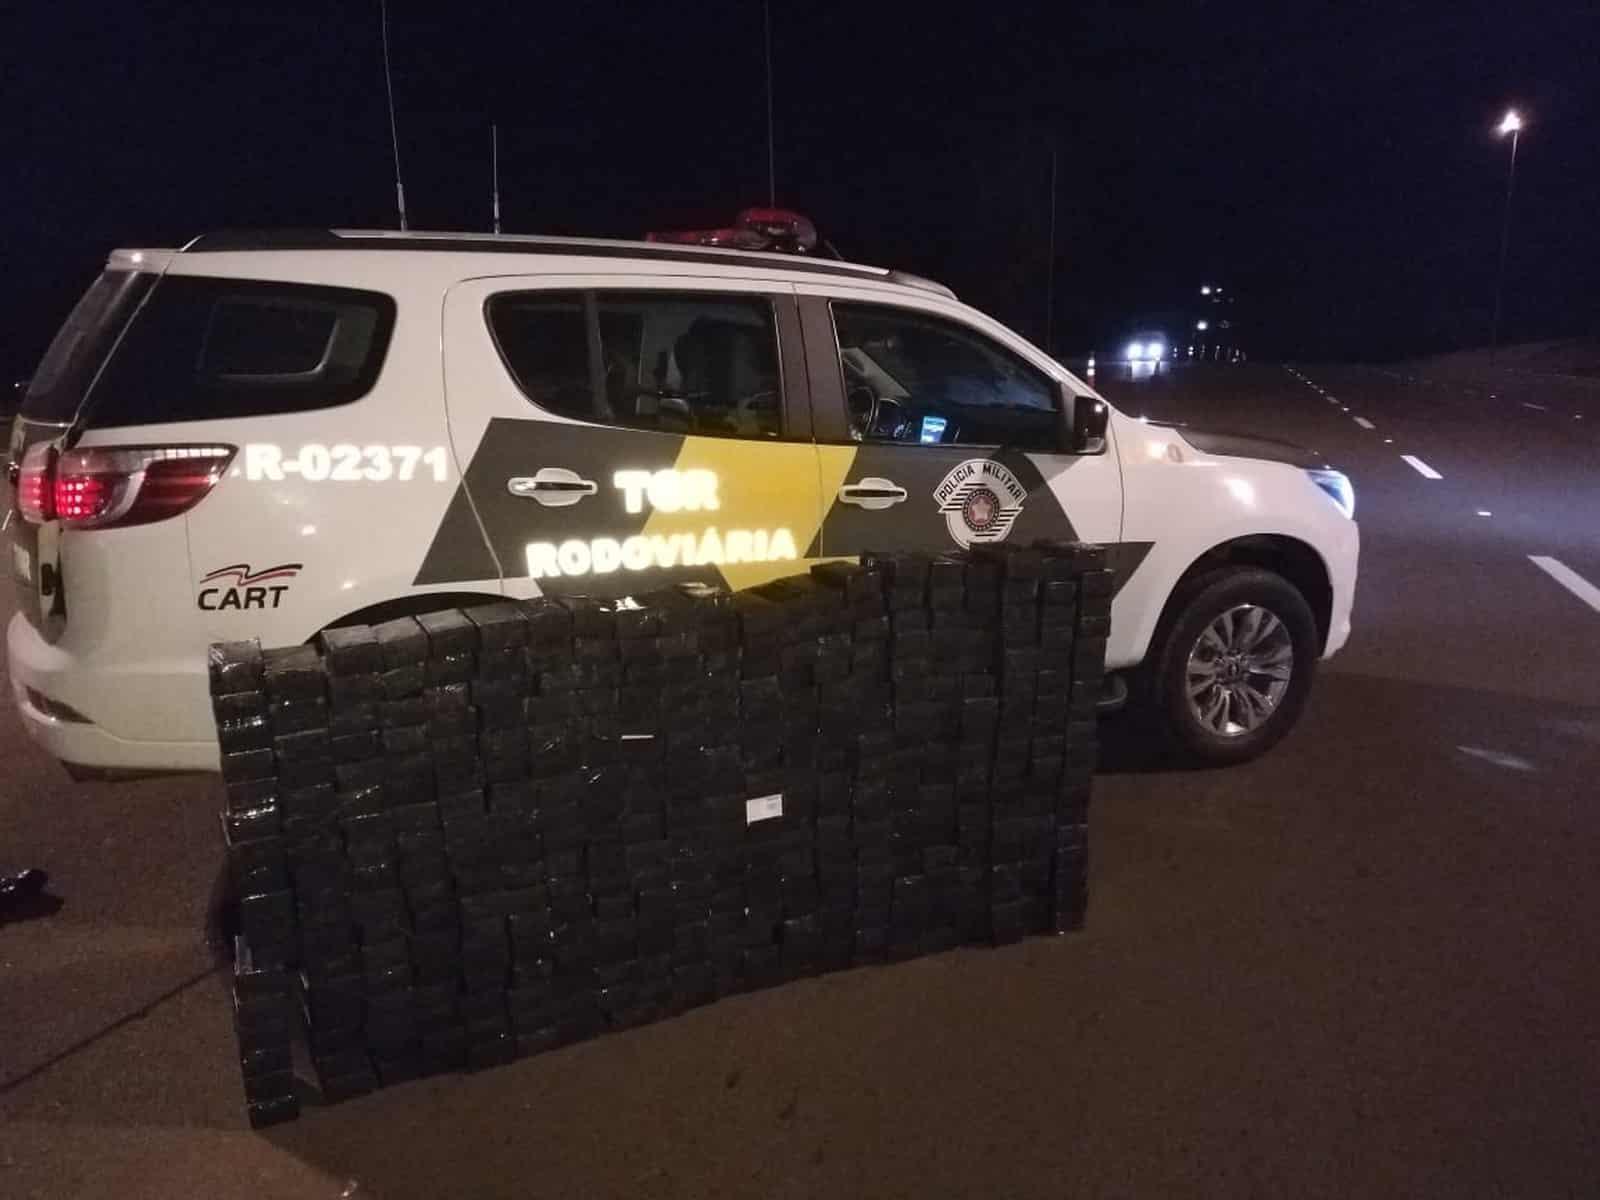 Polícia Rodoviária apreende mais de 300 celulares sem nota fiscal em caminhão na SP-225 — Foto: Polícia Rodoviária/Divulgação